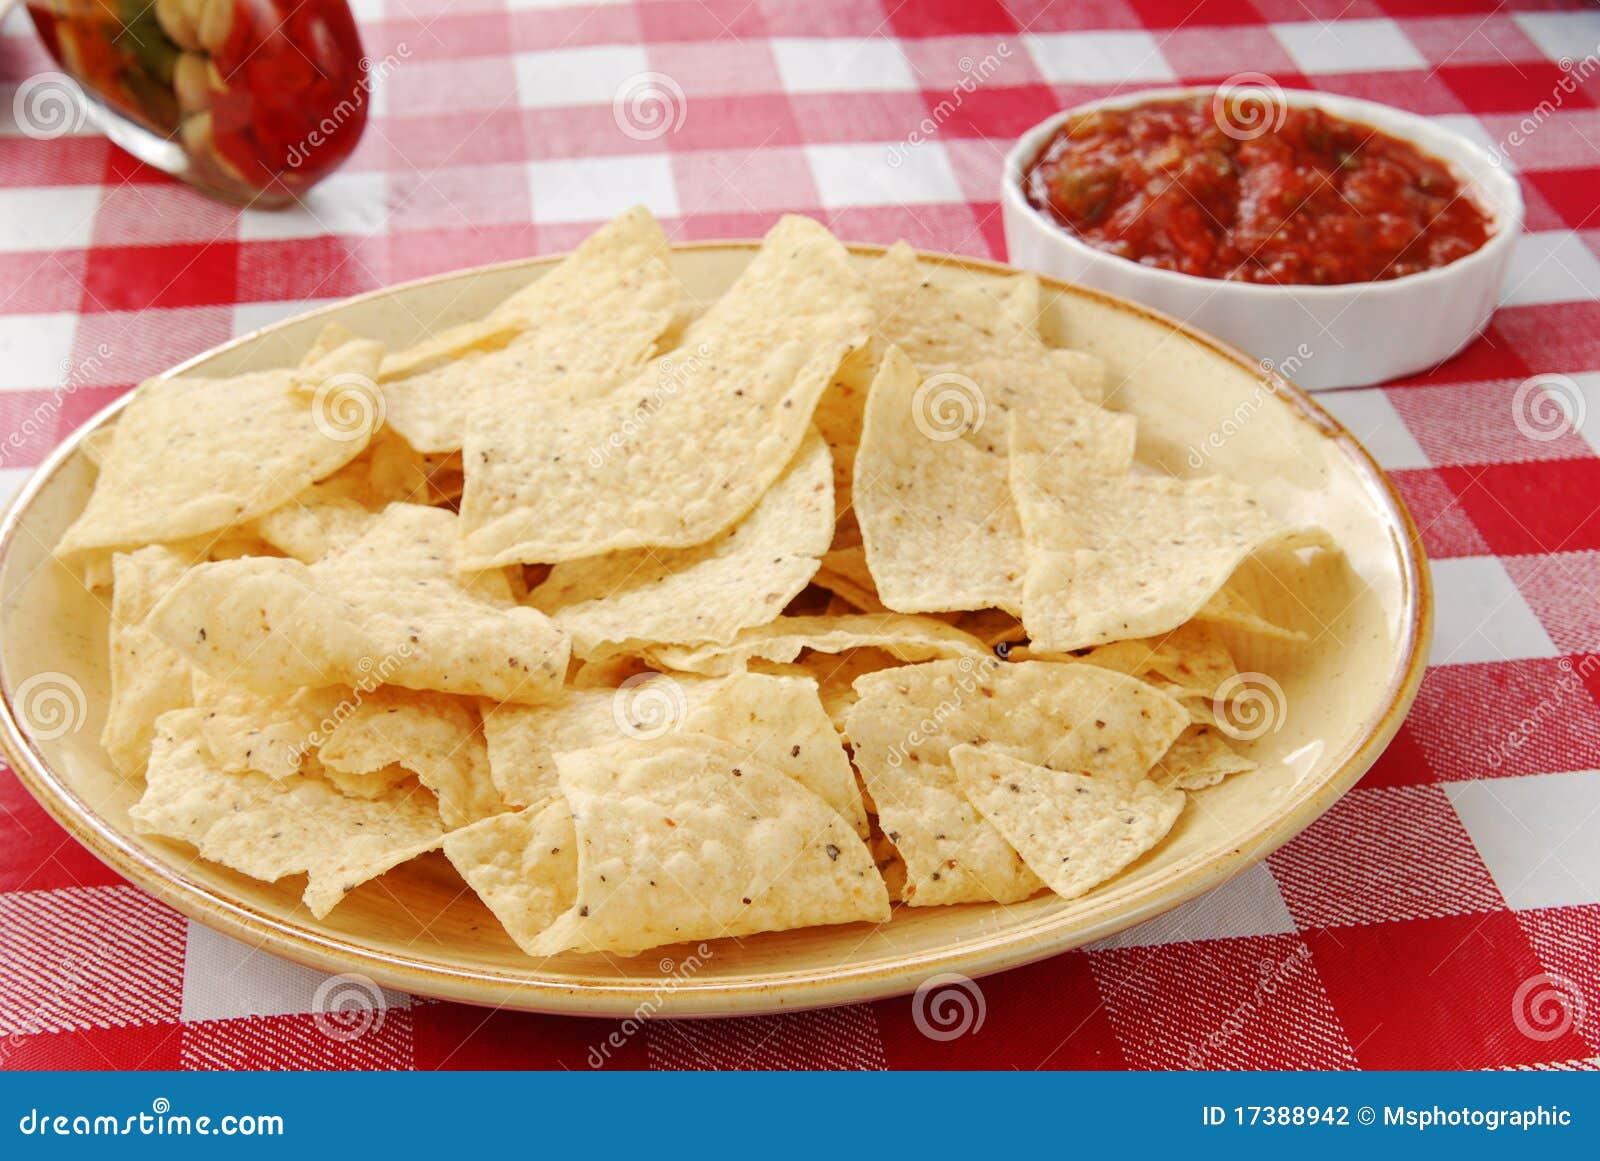 Chip di tortiglia con salsa